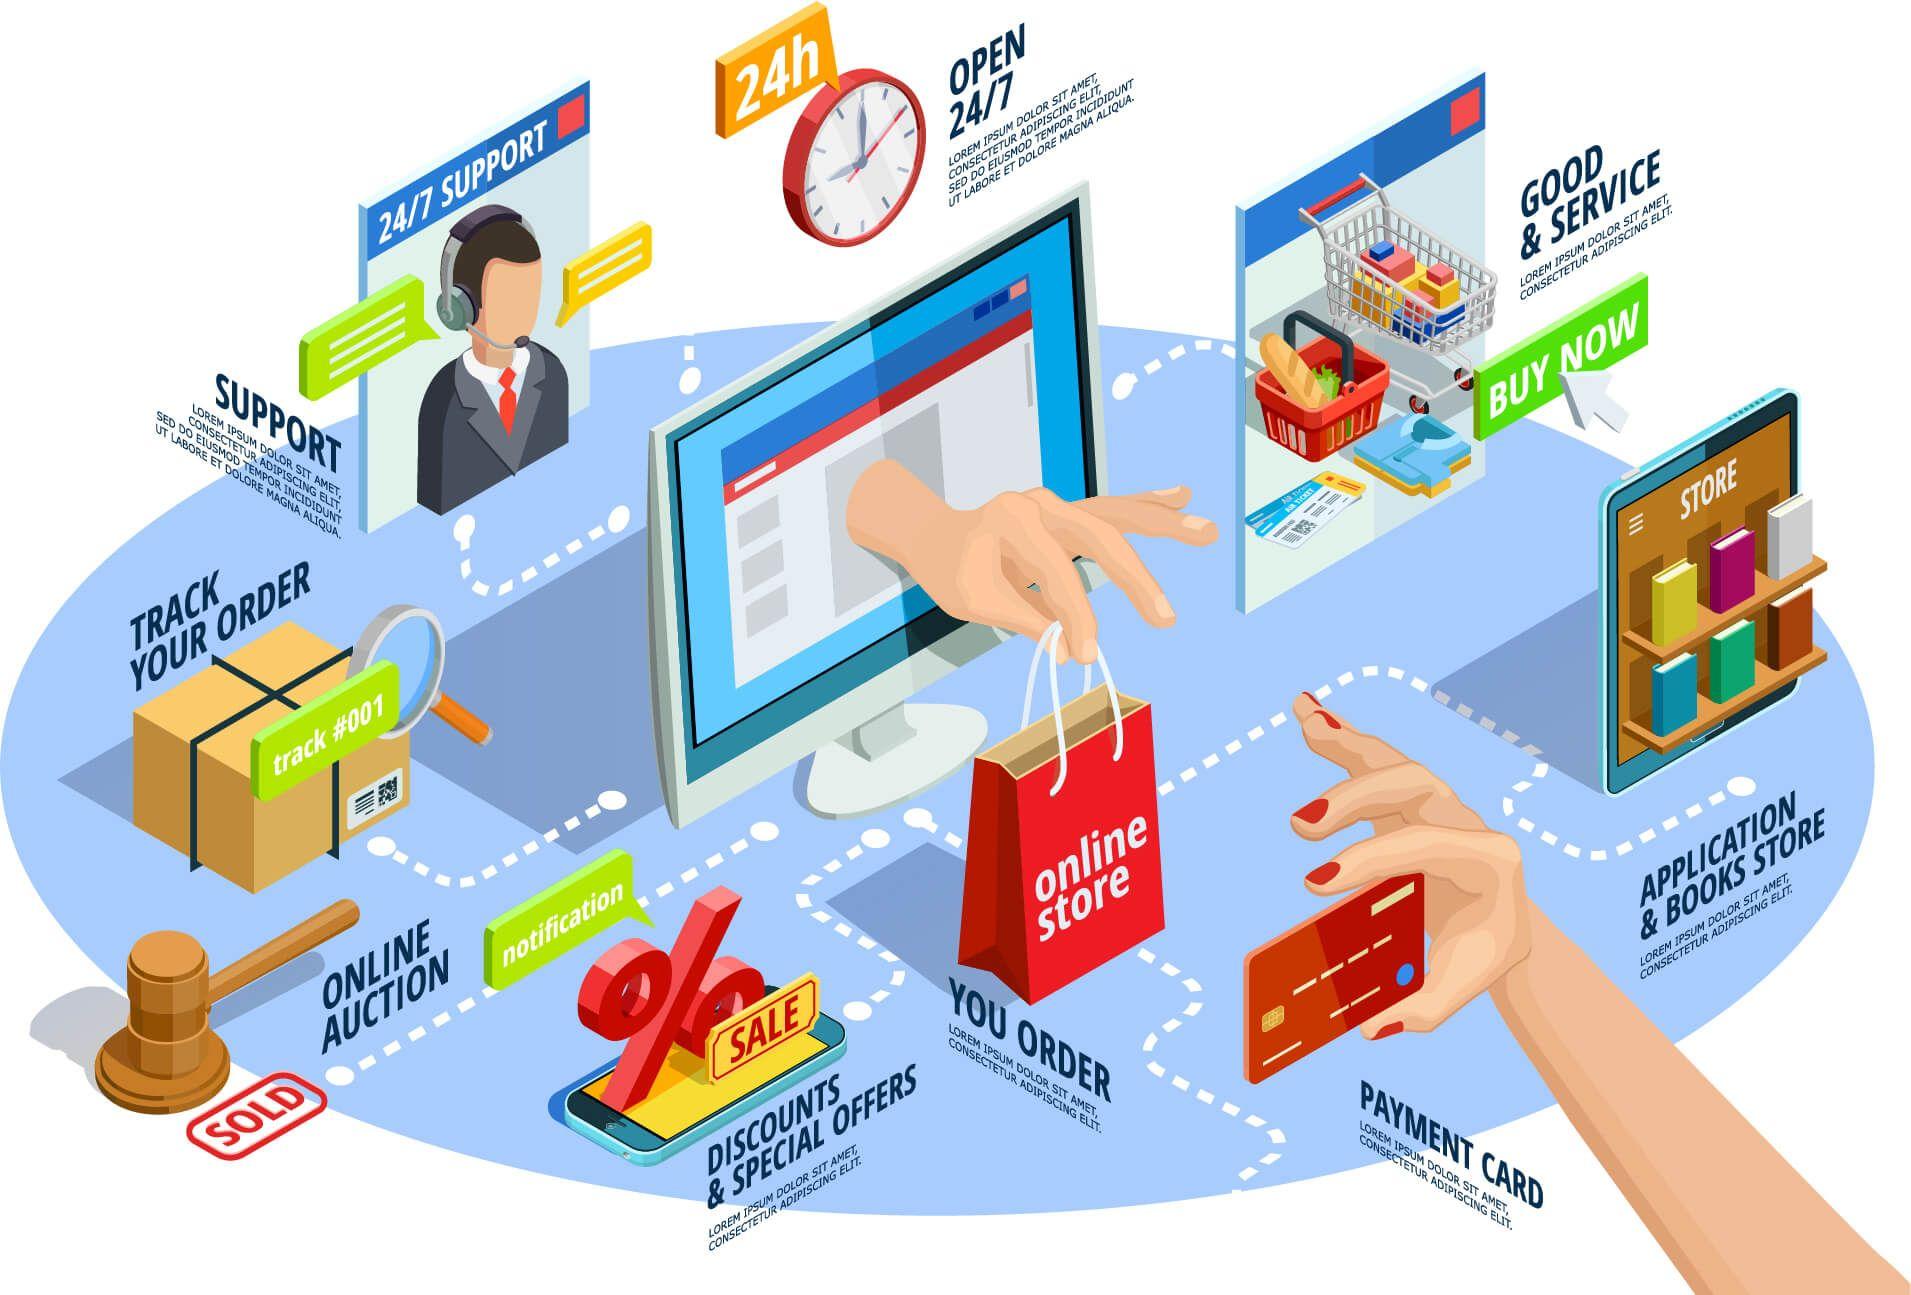 طراحی سایت و اپلیکیشن با رابینت / رسانه چیکاو